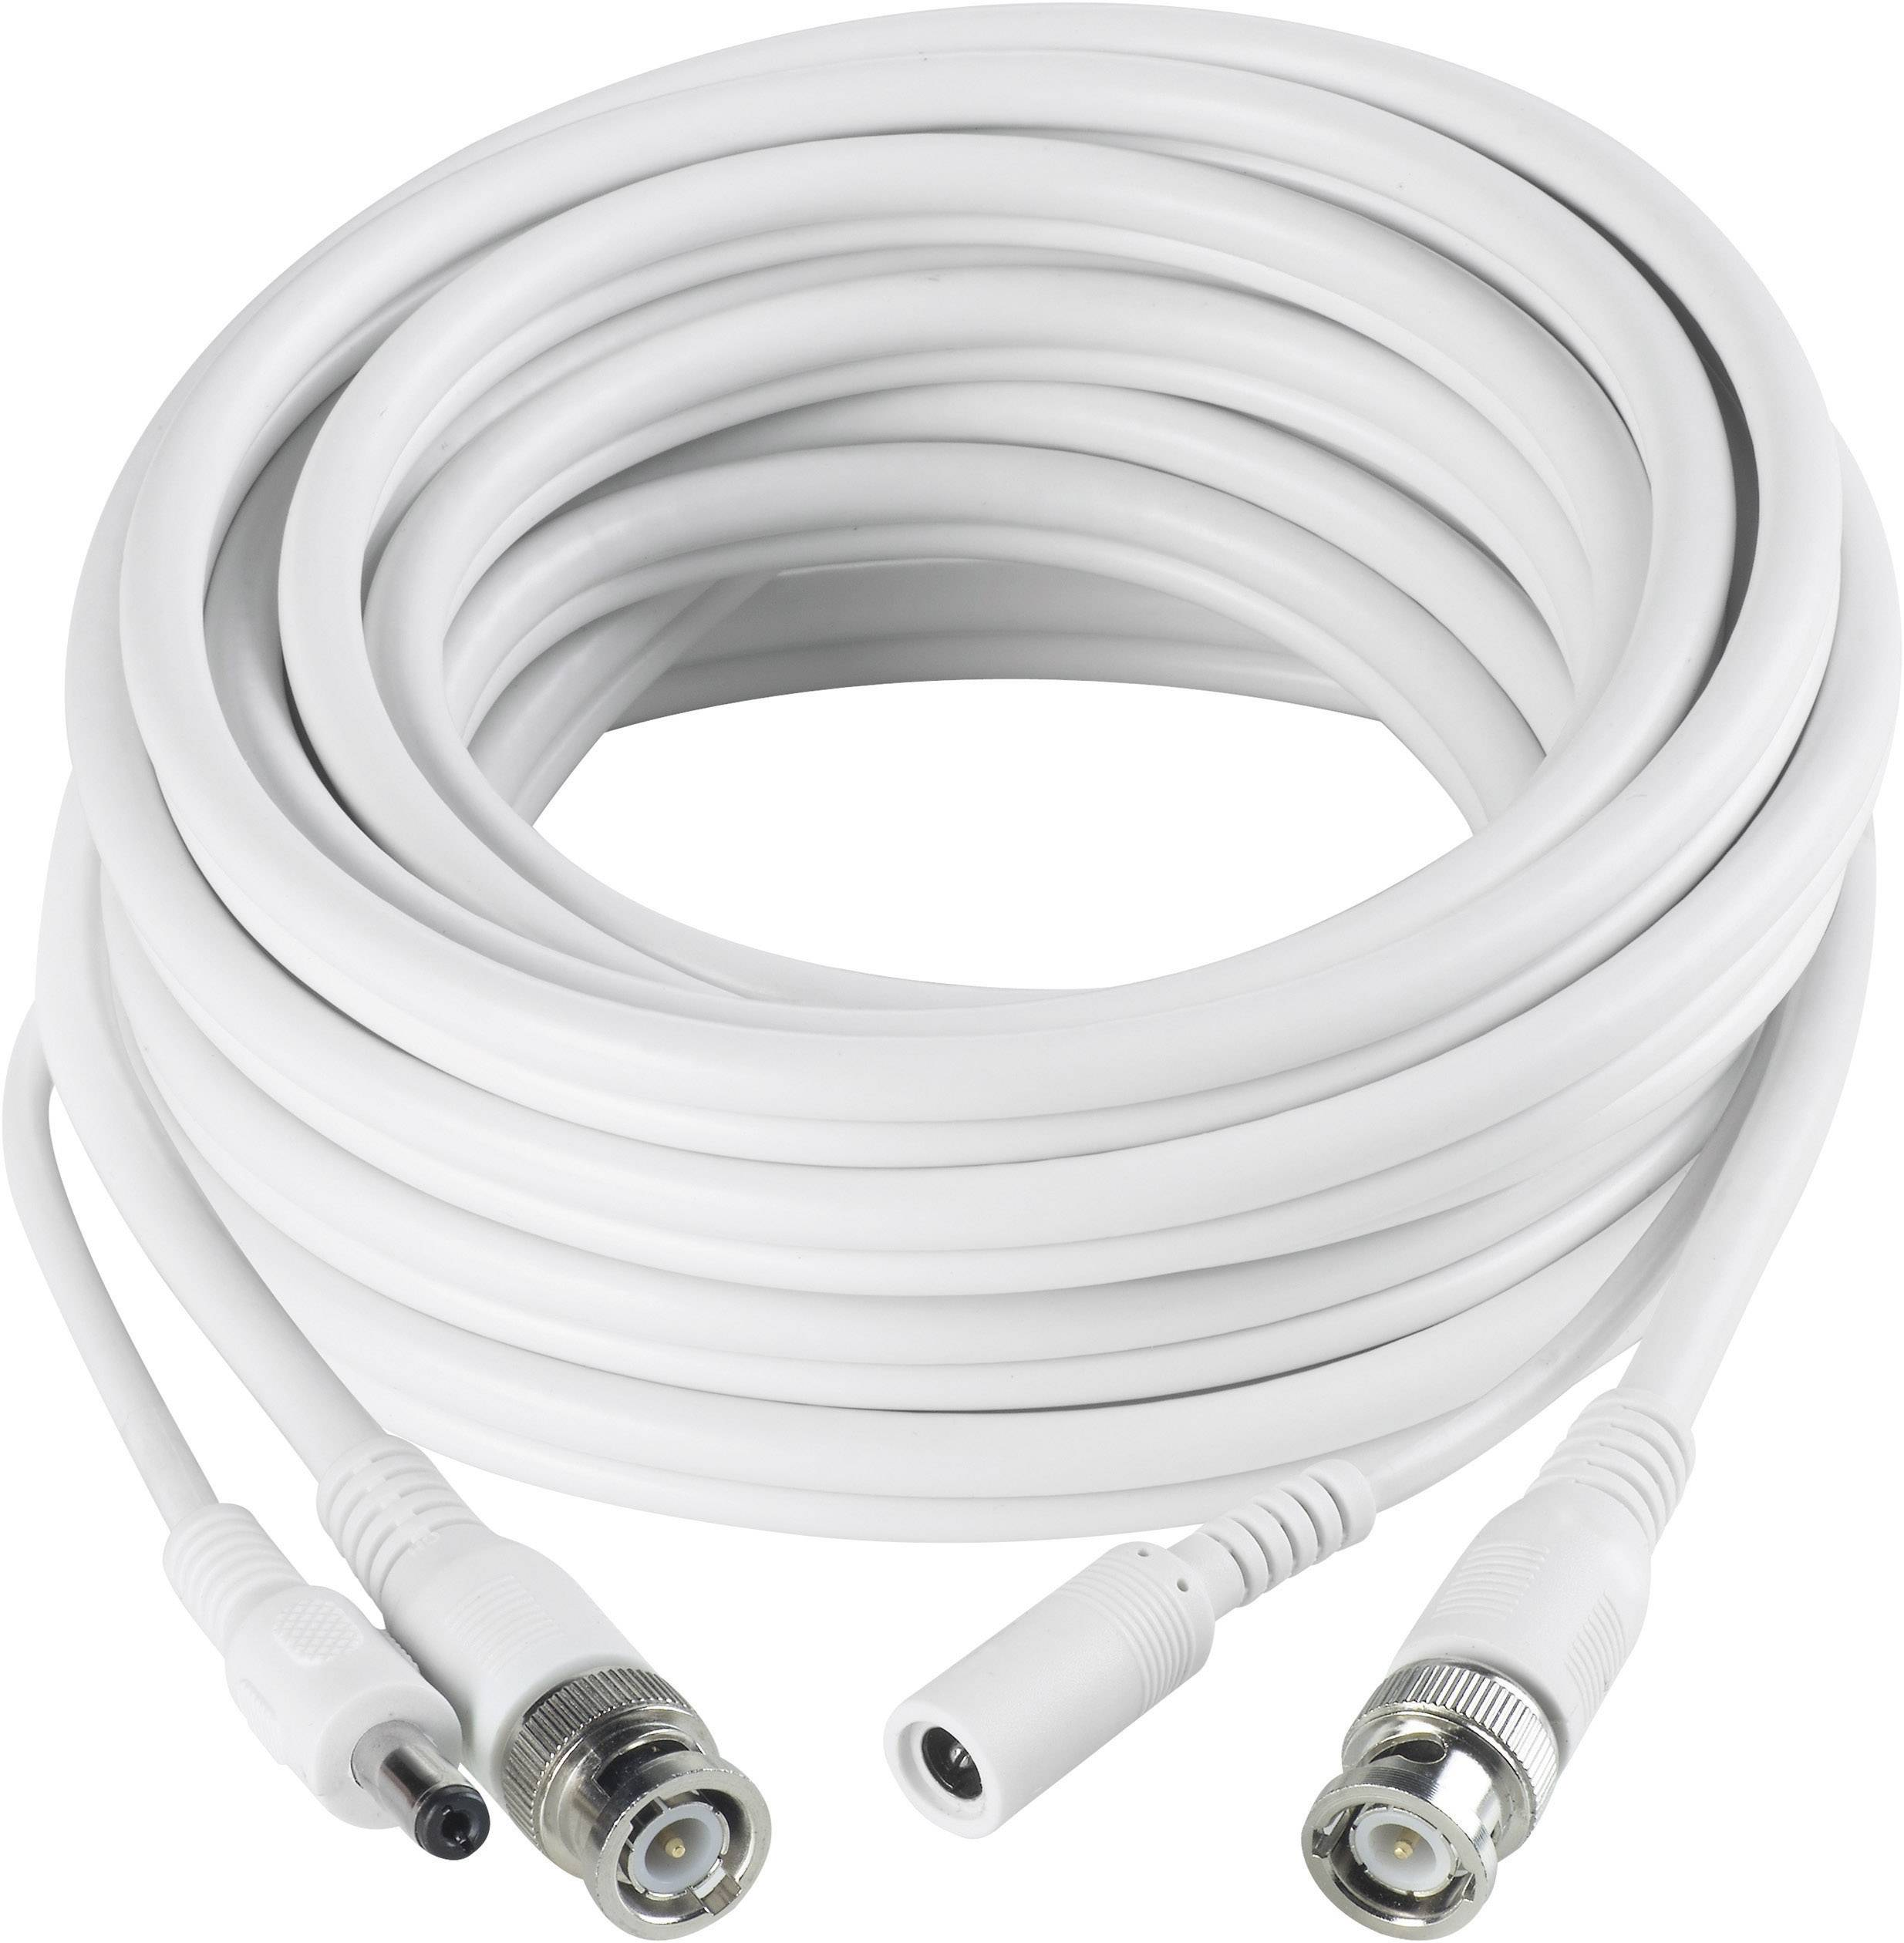 Video predlžovací kábel Sygonix, 1x BNC, 1x DC IN ⇔ 1x BNC, 1x DC OUT, 10 m, biely